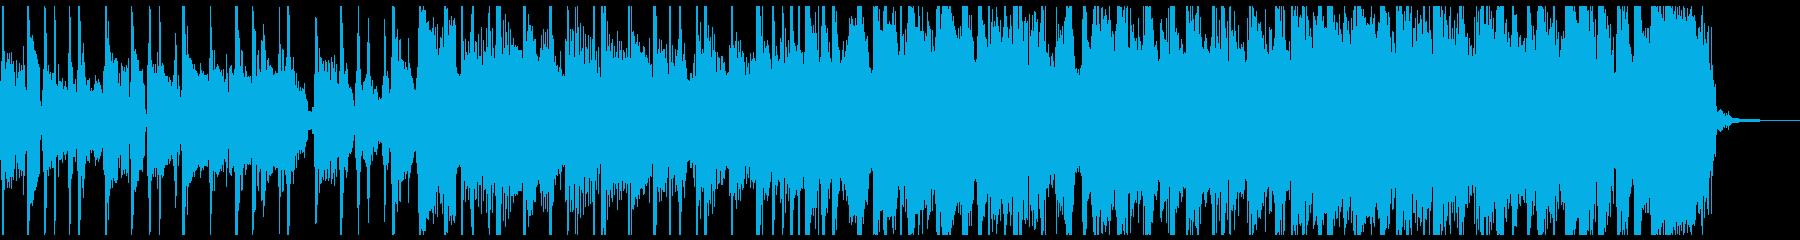 揺れるビートとビッグエンディングの...の再生済みの波形